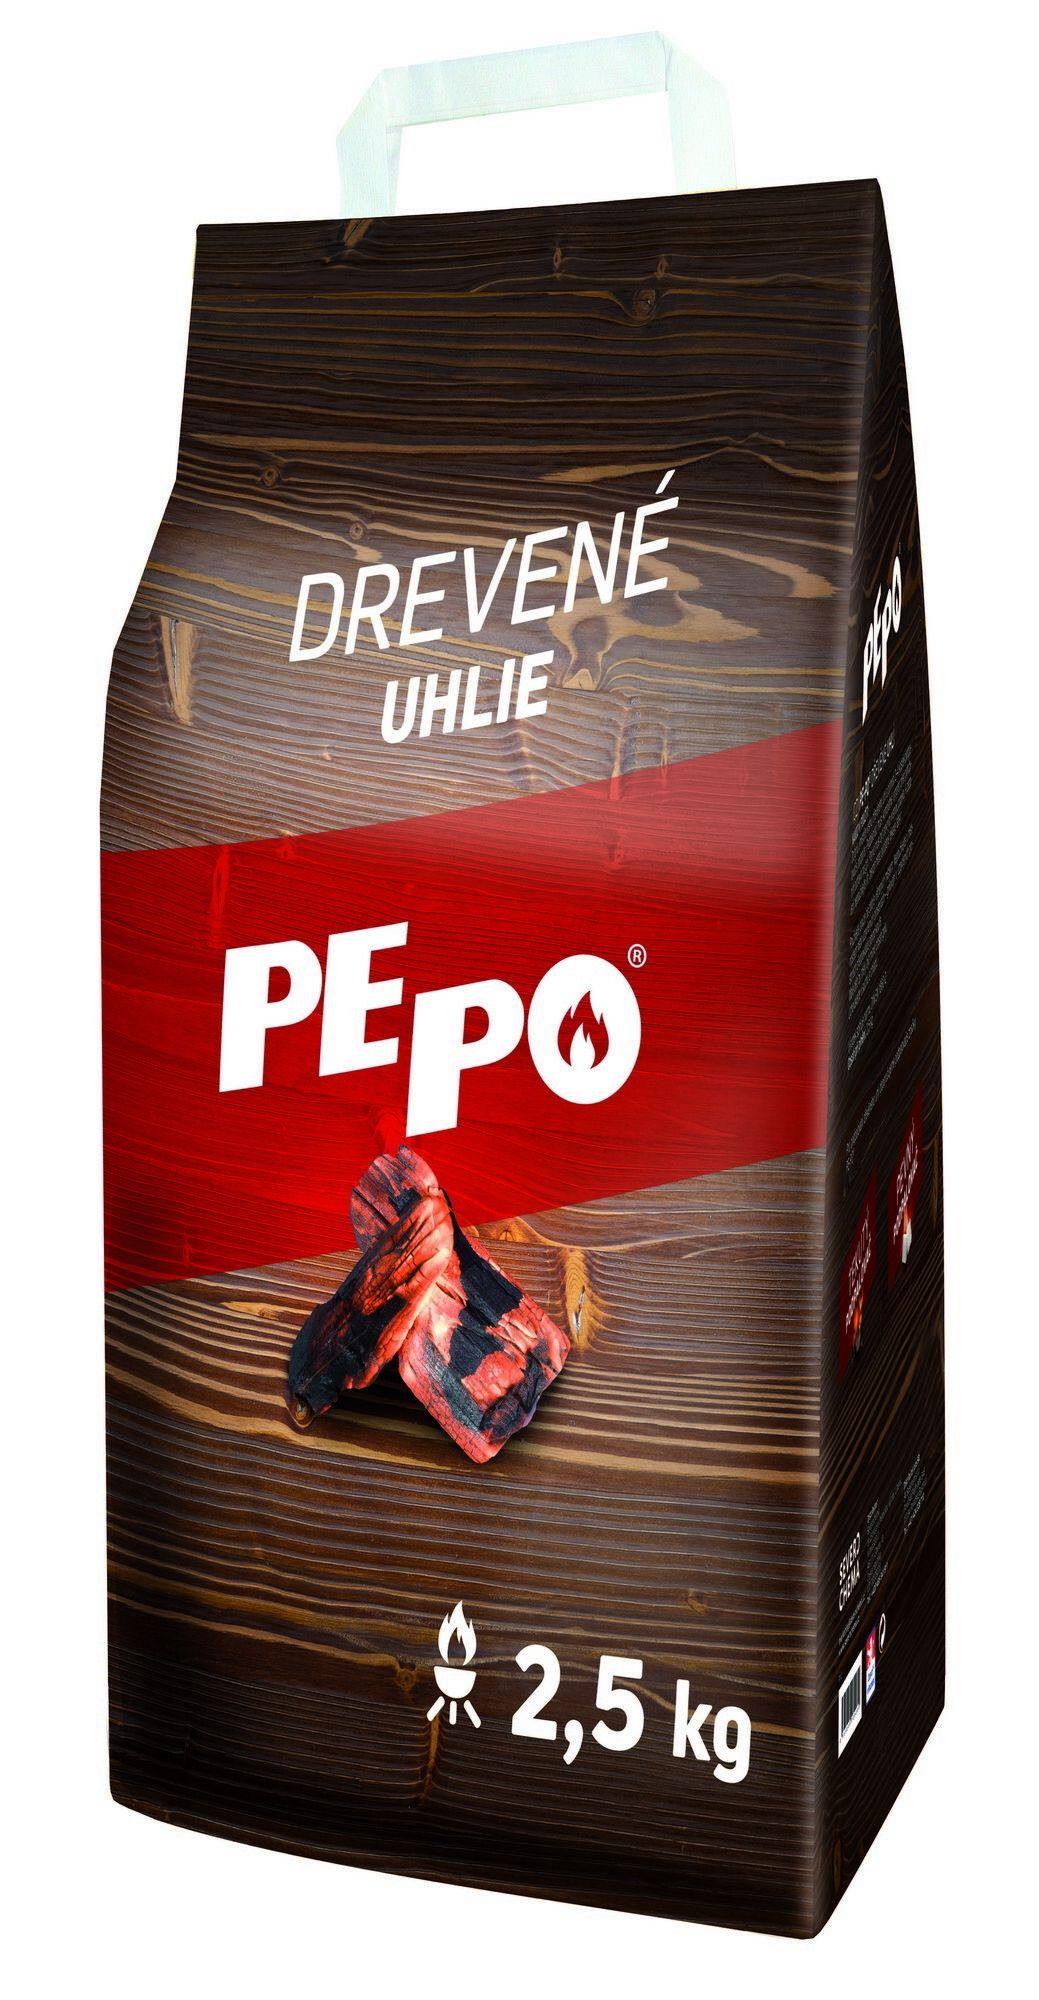 PE-PO dřevěné uhlí 2,5 kg PEPO